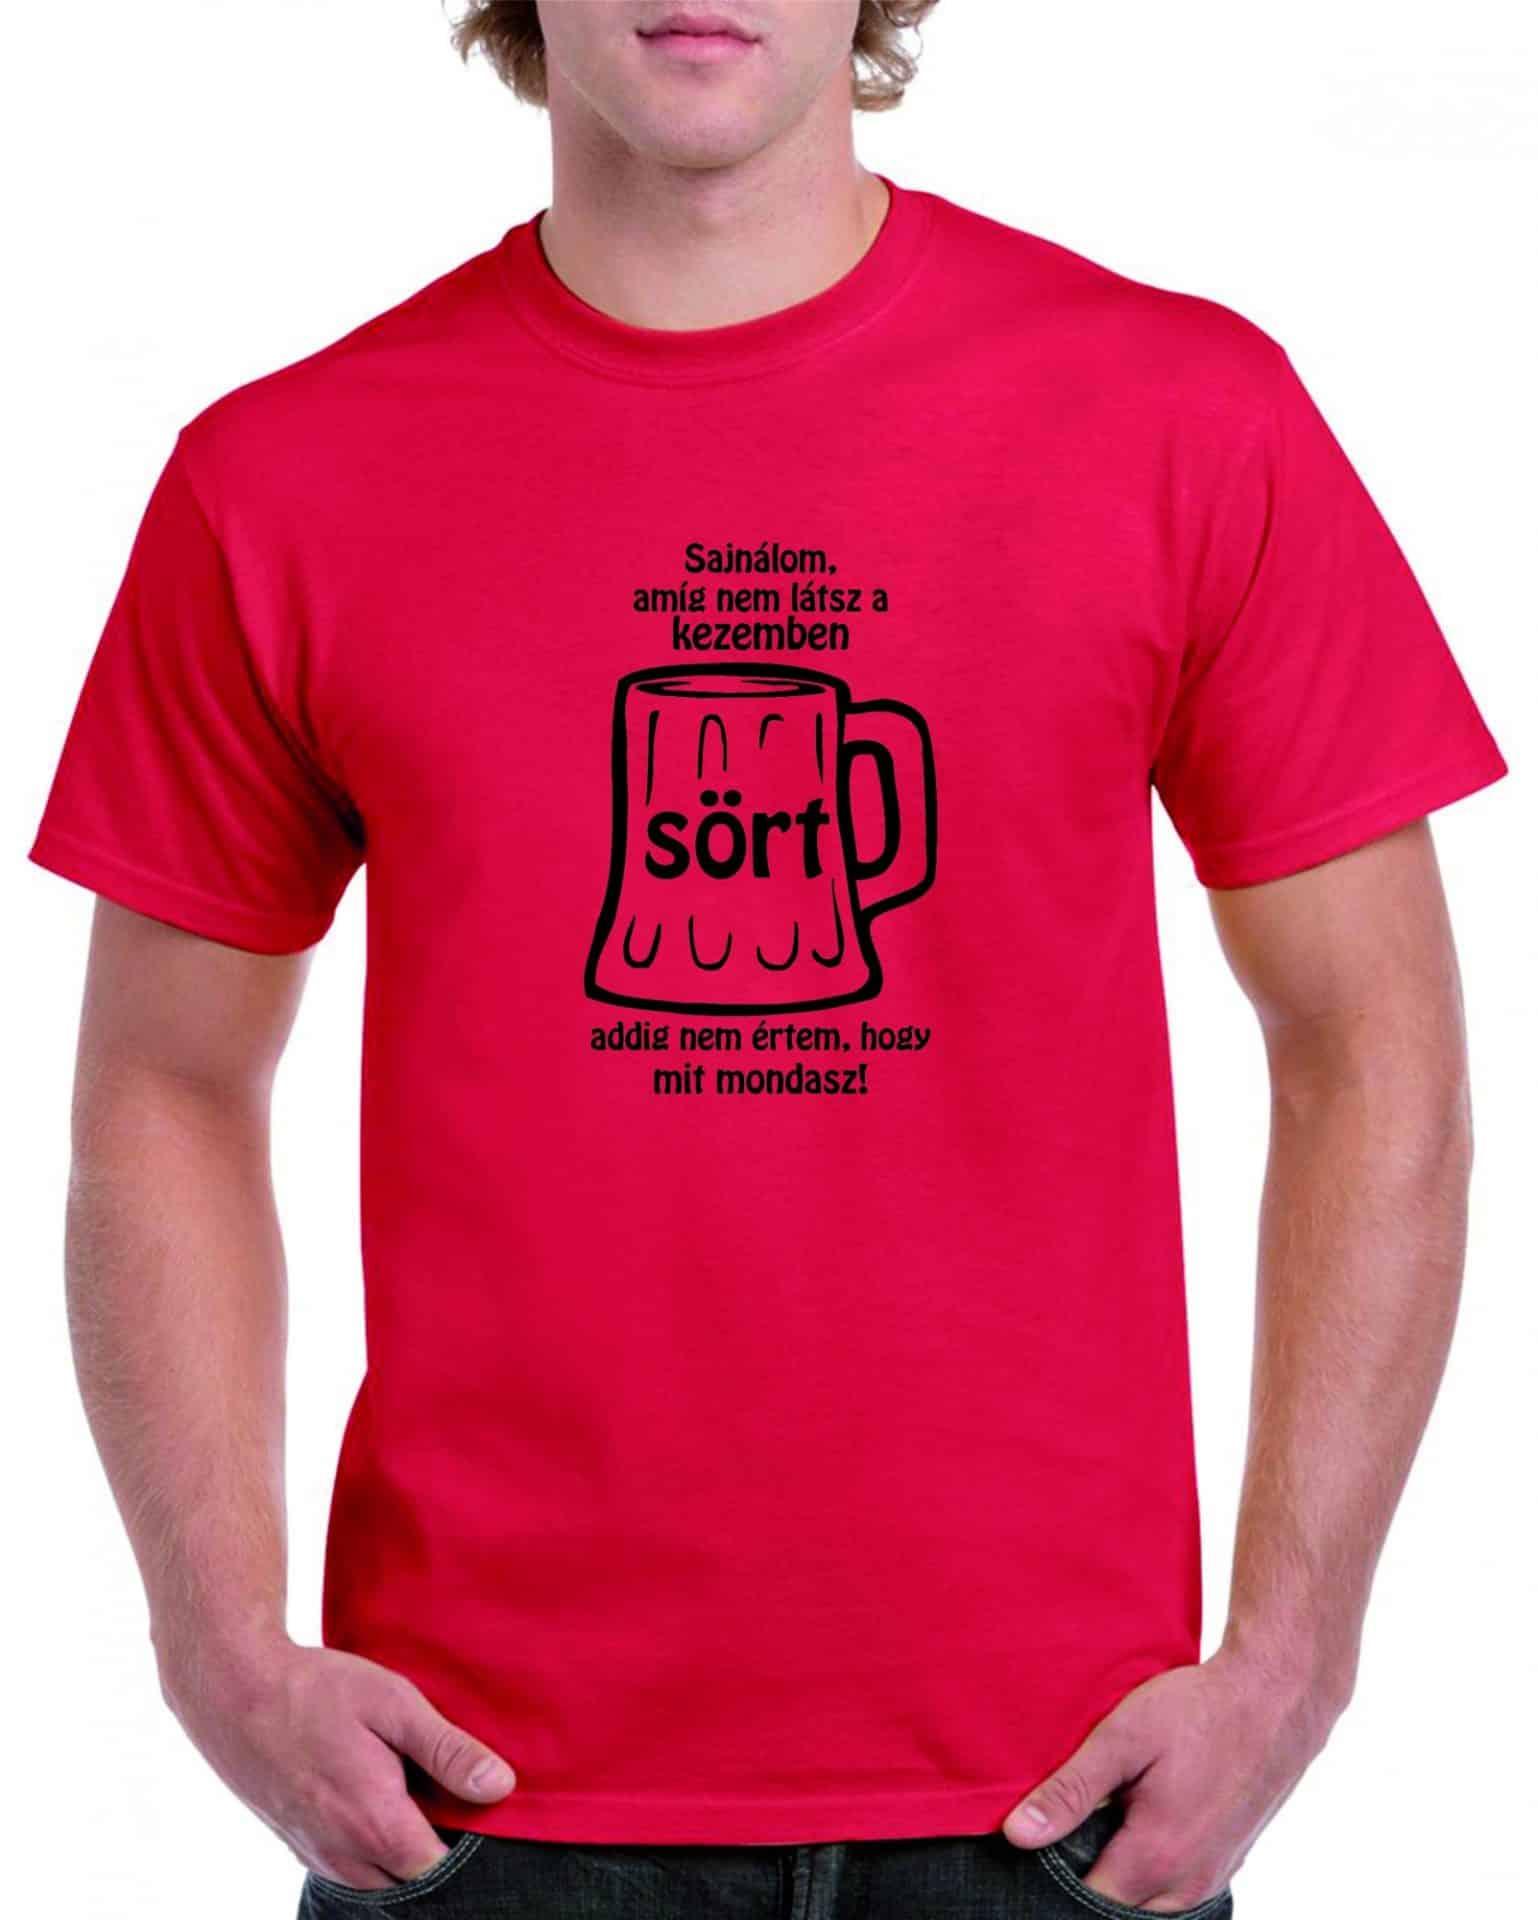 0e64d15c9c Sajnálom amíg nem látsz a kezemben sört addig nem értem hogy mit mondasz Férfi  póló